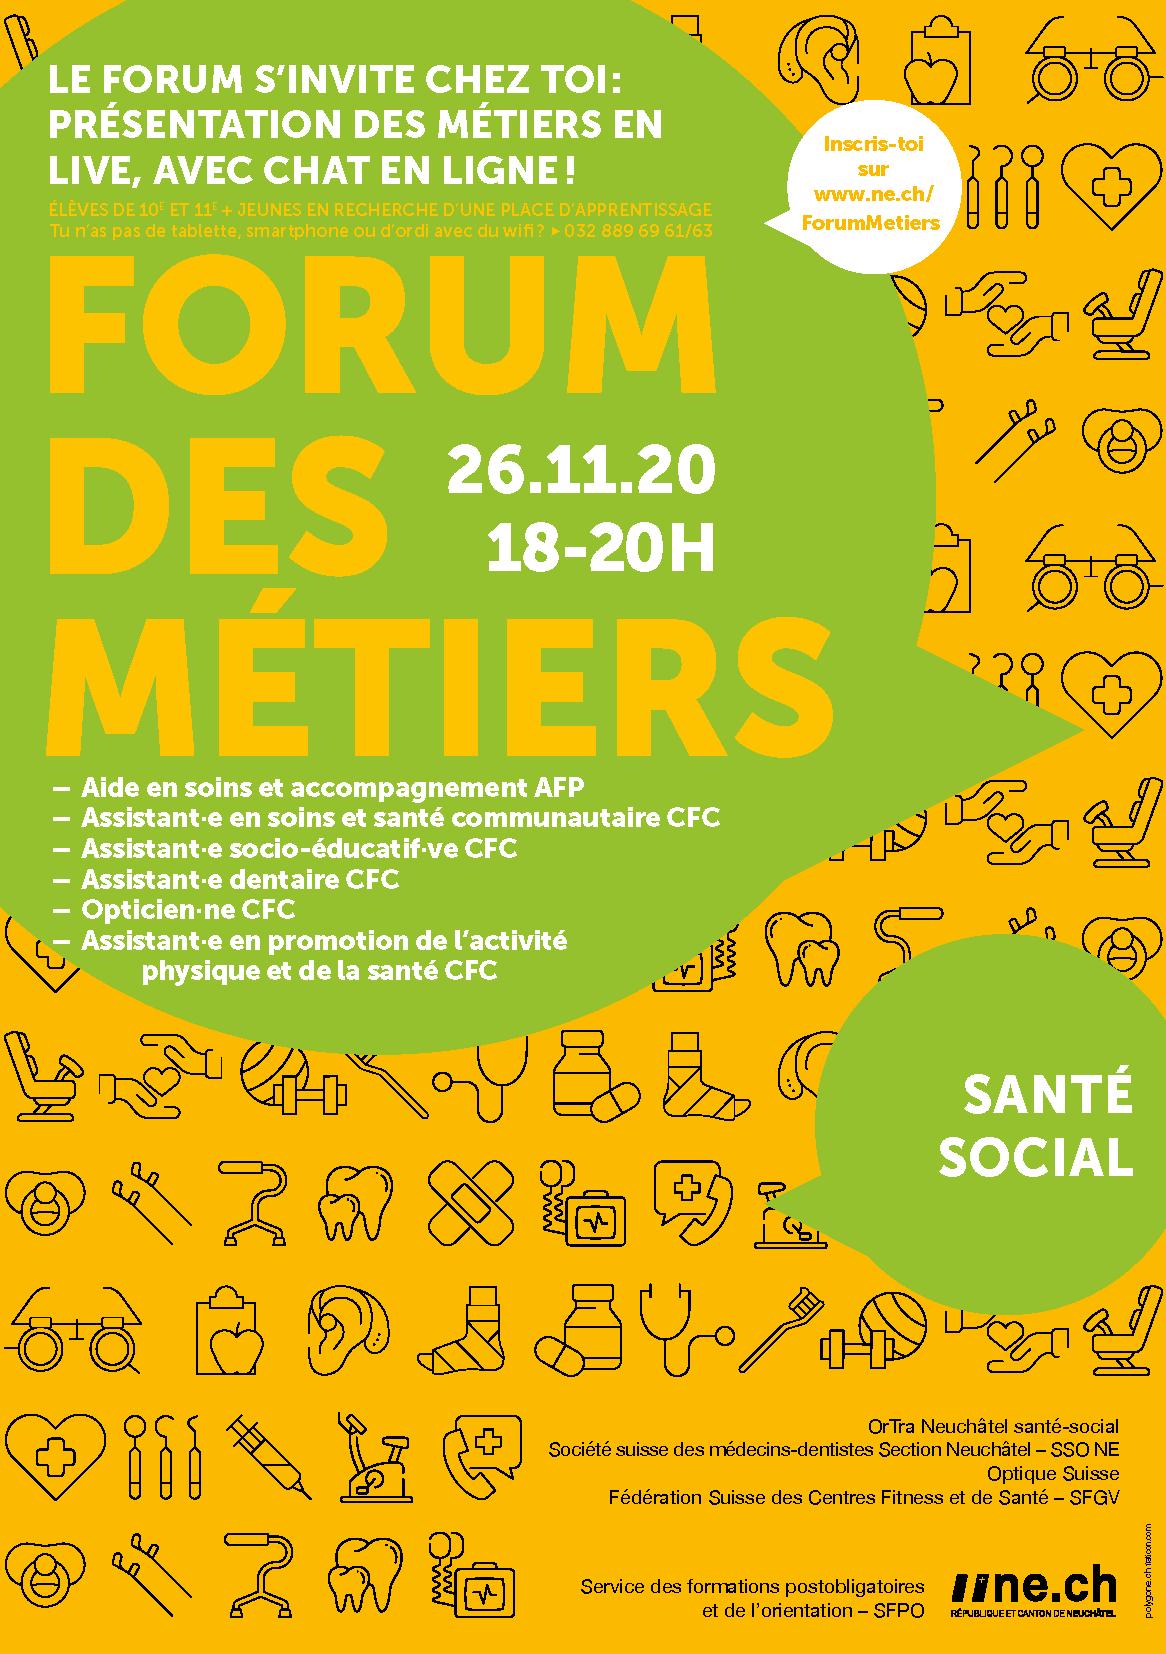 Forum des Métiers - République et canton de Neuchâtel